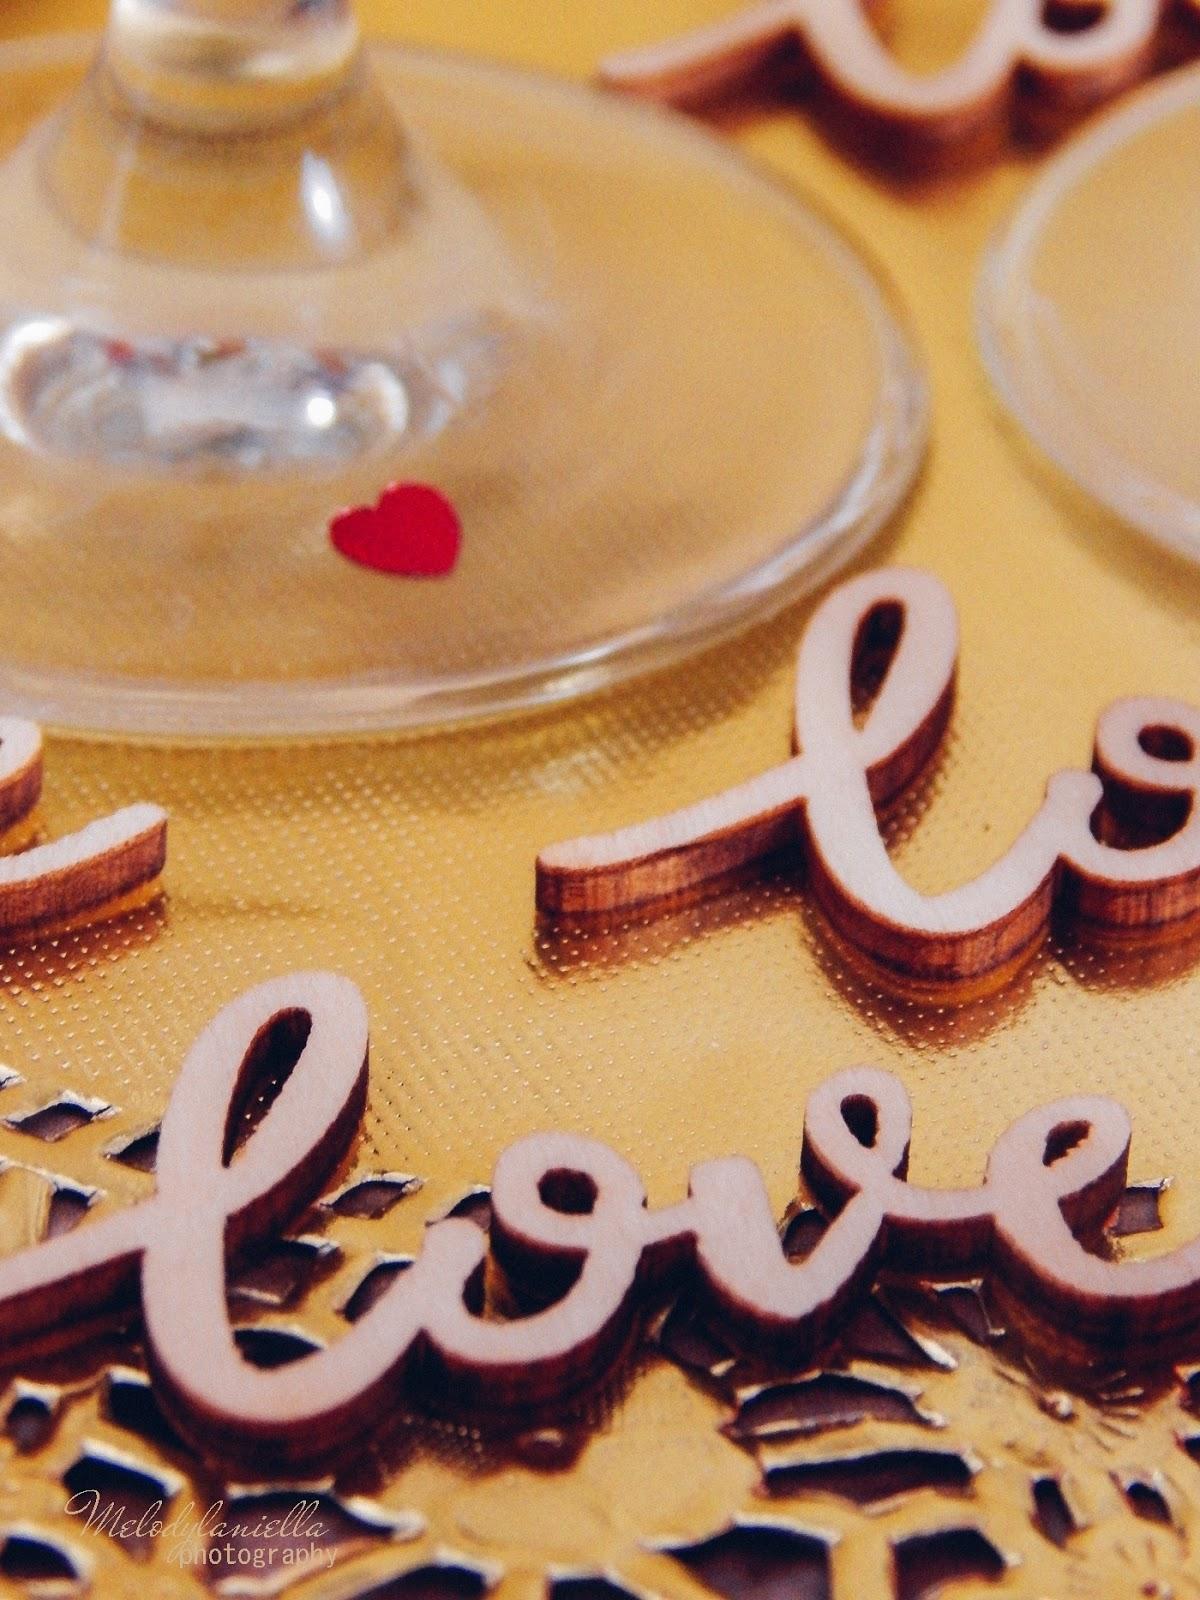 11 partybox złote ażurowe serwetki drewniane napisy love dodatki na walentynki konfetti serca błyszczące talerze talerze z efektem marmuru złote sztućce dekoracje ozdoby na stoł